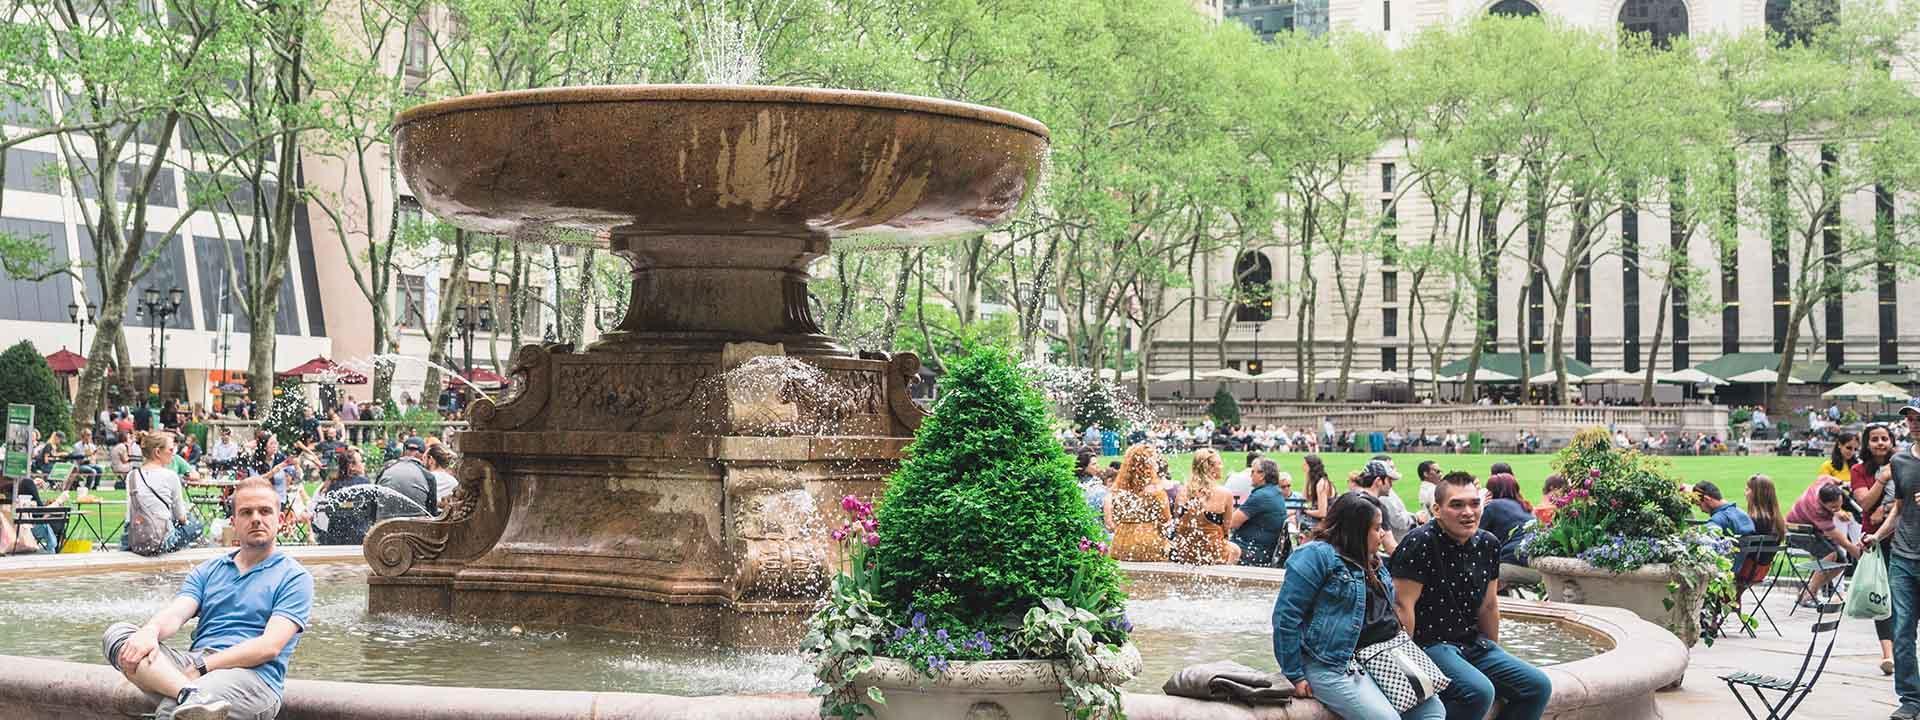 Enviar para seu plano de viagem no MyNY Página Inicial › Parques › Bryant  Park 148ec455bfc